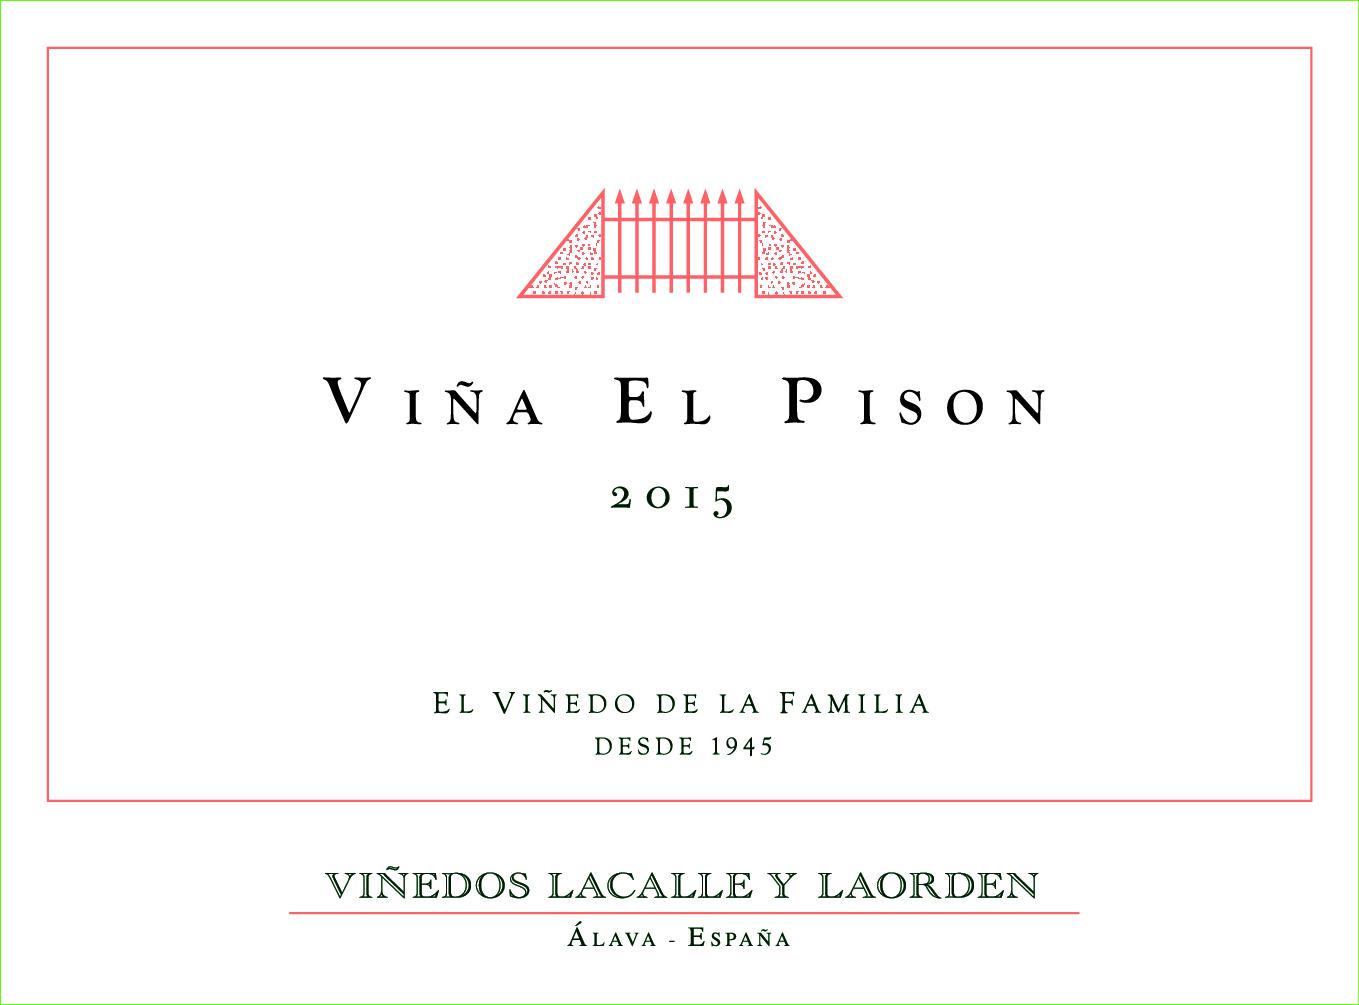 Viña El Pisón